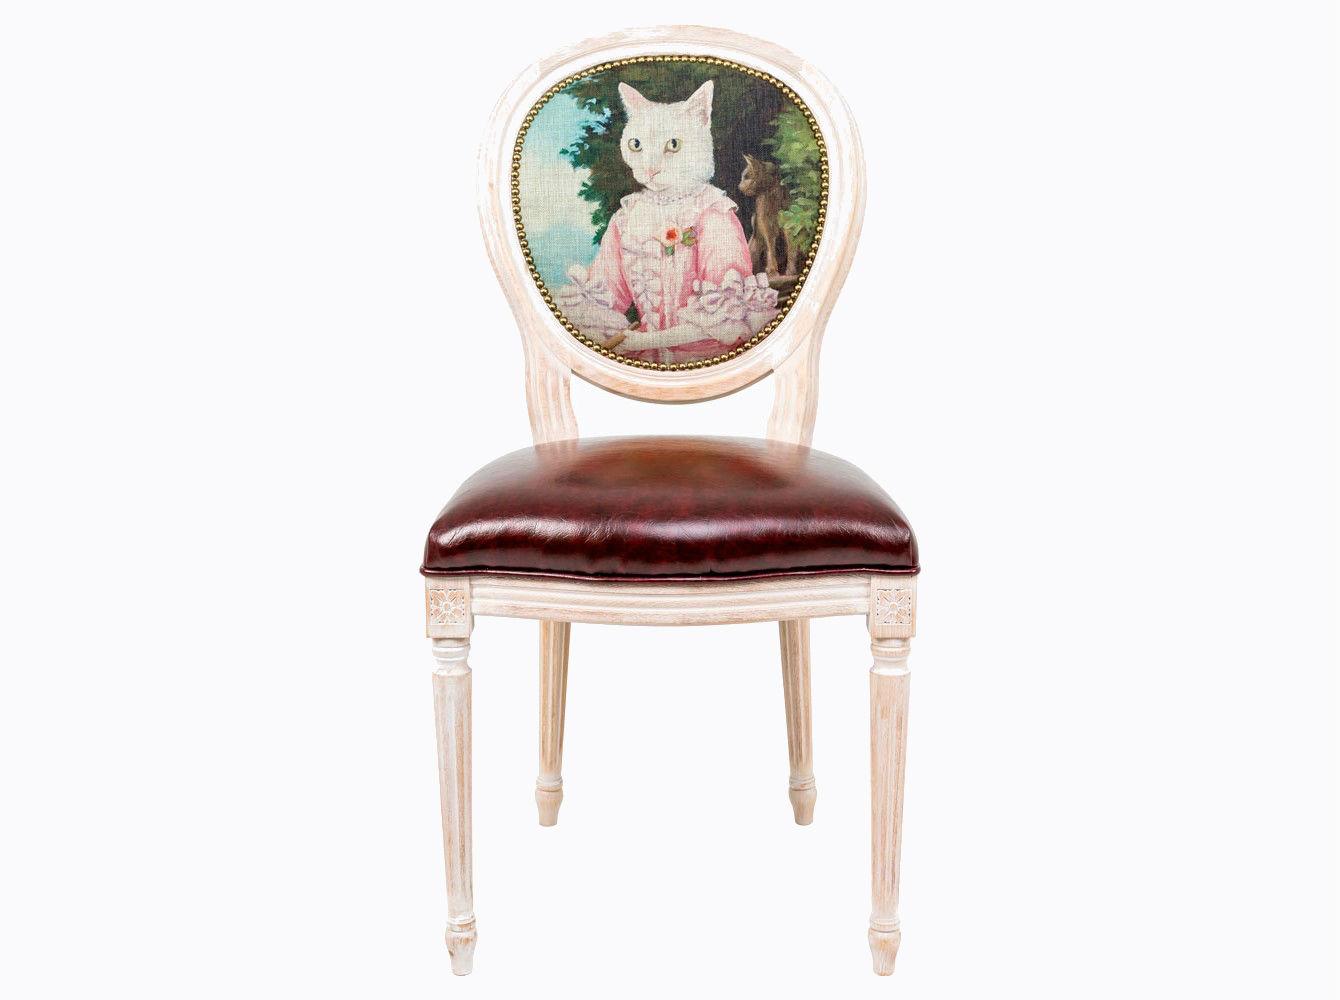 Стул «Музейный экспонат», версия 35Обеденные стулья<br>Дизайн стула &amp;quot;Музейный экспонат&amp;quot; создан эффектом экстравагантных контрастных сочетаний. Глянцевое шоколадное сиденье объединилось с шелковистой льняной спинкой, а королевский силуэт эпохи Луи-Филиппа - с рисунком в жанре современного анимализма, подражающего ярким придворным полотнам эпохи Возрождения. <br>Корпус стула изготовлен из натурального бука. &amp;amp;nbsp;По эксклюзивному дизайну &amp;quot;Объекта мечты&amp;quot; корпусы стульев серии &amp;quot;Музейный экспонат&amp;quot; выточены, брашированы и патинированы в Италии. <br>В дизайне &amp;quot;Музейный экспонат&amp;quot; резьба играет ведущую роль: стул украшен вычурными желобками и цветочными узорами, выточенными с ювелирной меткостью. <br>Комфортабельность, прочность и долговечность сиденья обеспечены подвеской из эластичных ремней. Обивка оснащена тефлоновым покрытием против пятен. <br>Не упустите возможности обладания поистине уникальной дизайнерской мебелью, - коллекция &amp;quot;Музейный экспонат&amp;quot; выпущена лимитированными экземплярами. <br>Дизайны от &amp;quot;Объекта мечты&amp;quot; - классические сочетания Вашего интерьера.<br>&amp;lt;div&amp;gt;&amp;lt;br&amp;gt;&amp;lt;/div&amp;gt;&amp;lt;div&amp;gt;Каркас - натуральное дерево бука, обивка сиденья и оборотной стороны спинки - эко-кожа, обивка спинки: 29% лен, 9 % хлопок, 72% полиэстер&amp;lt;br&amp;gt;&amp;lt;/div&amp;gt;<br><br>Material: Дерево<br>Width см: 55<br>Depth см: 50<br>Height см: 95